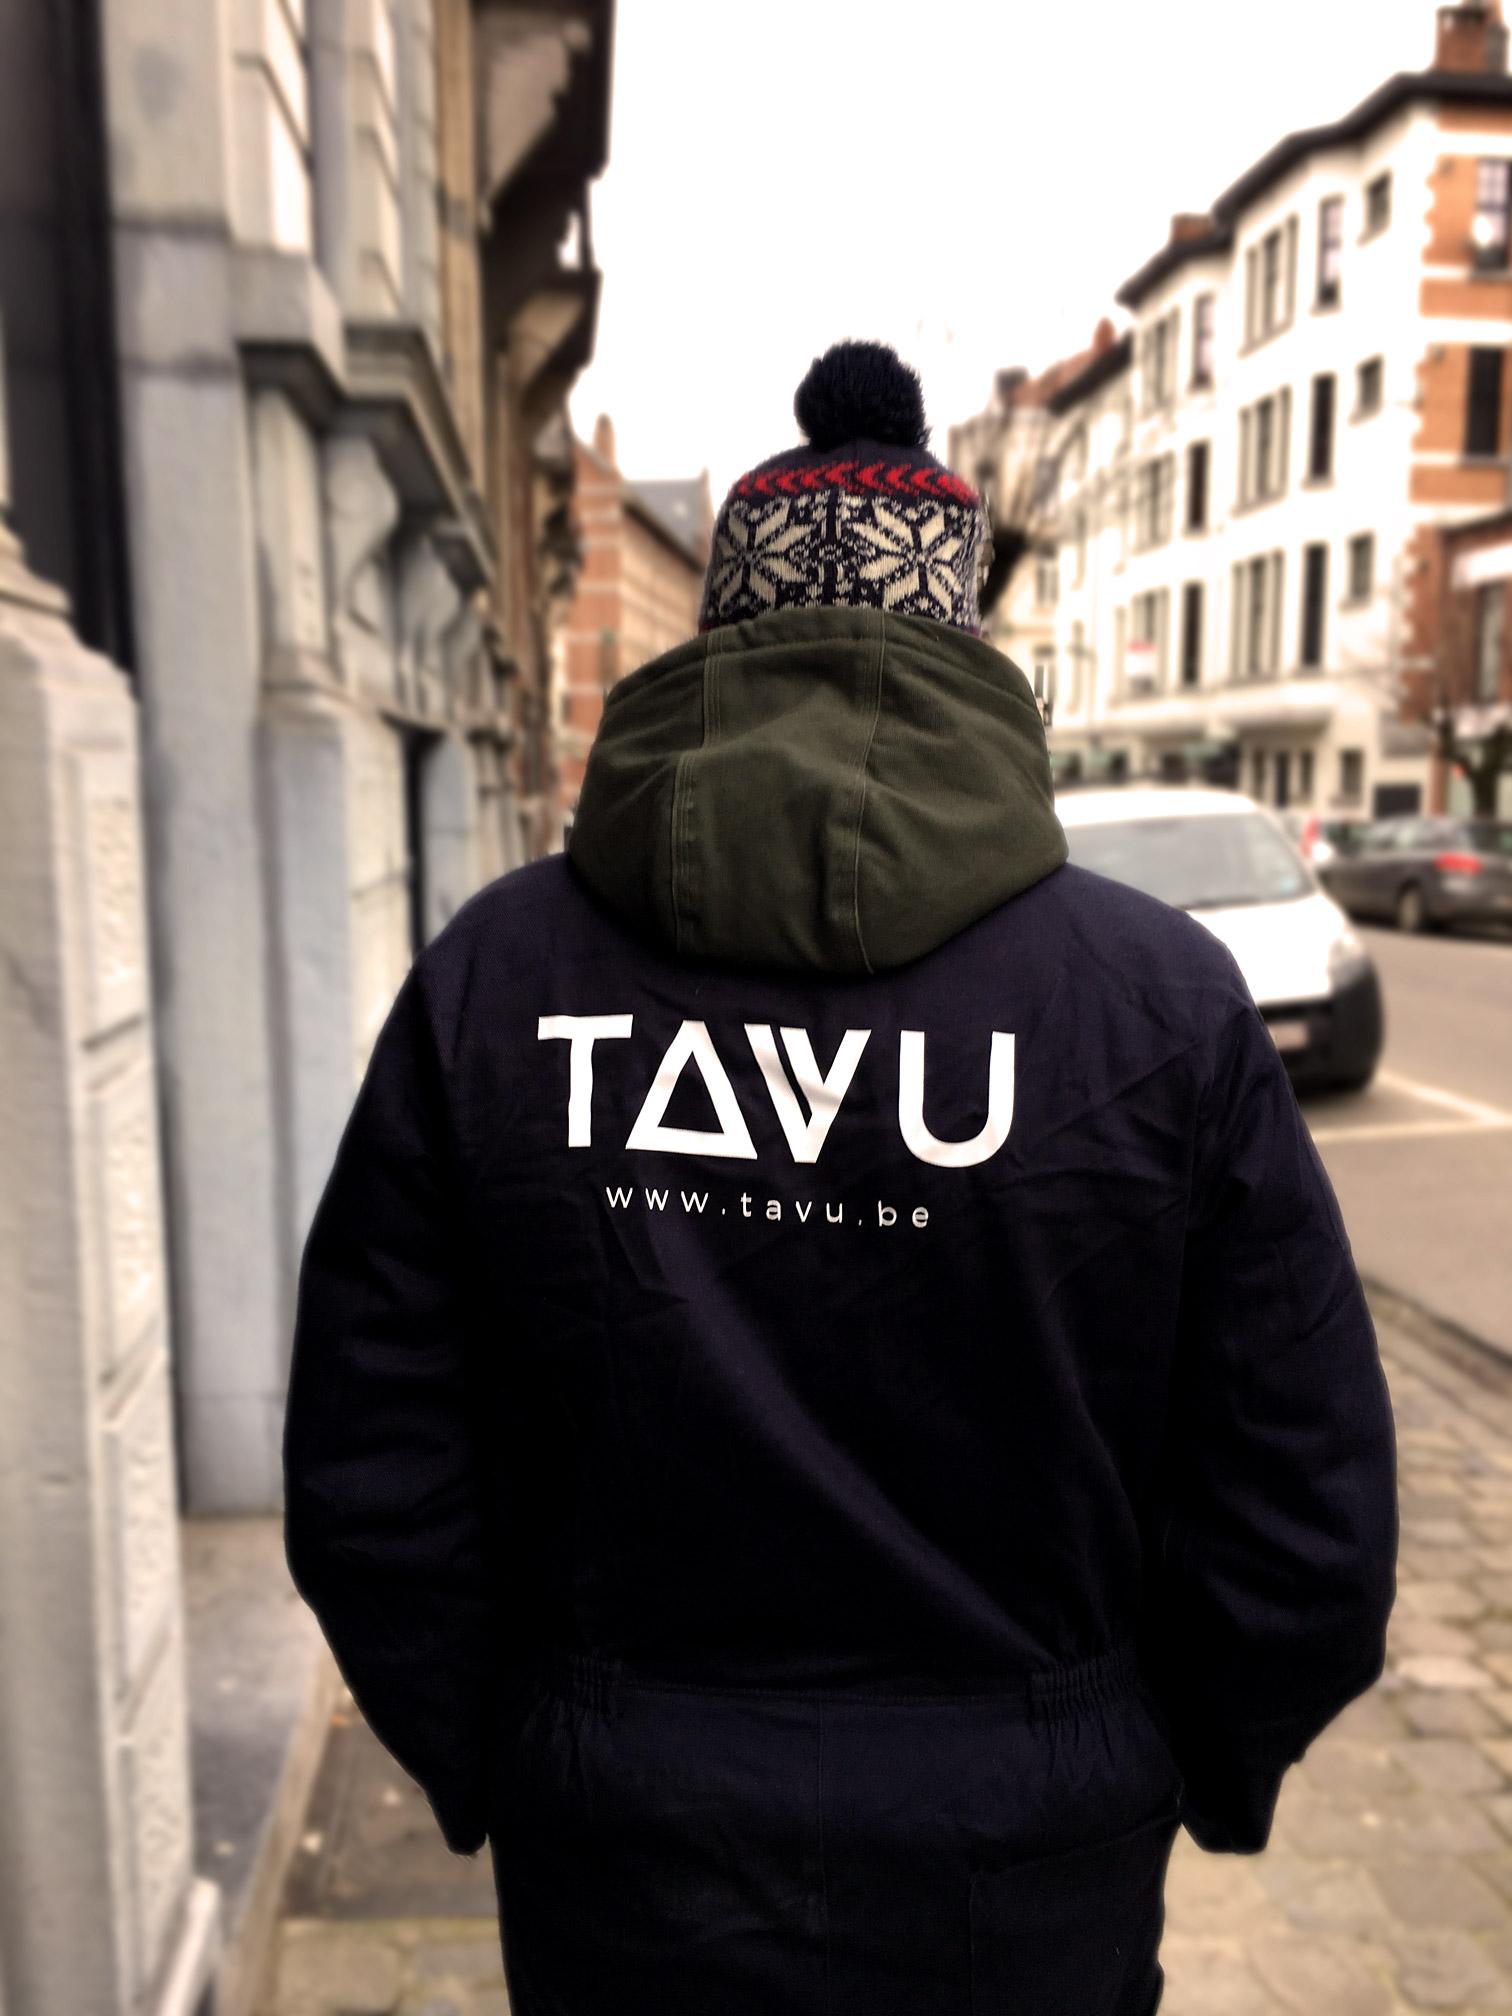 tavu-1